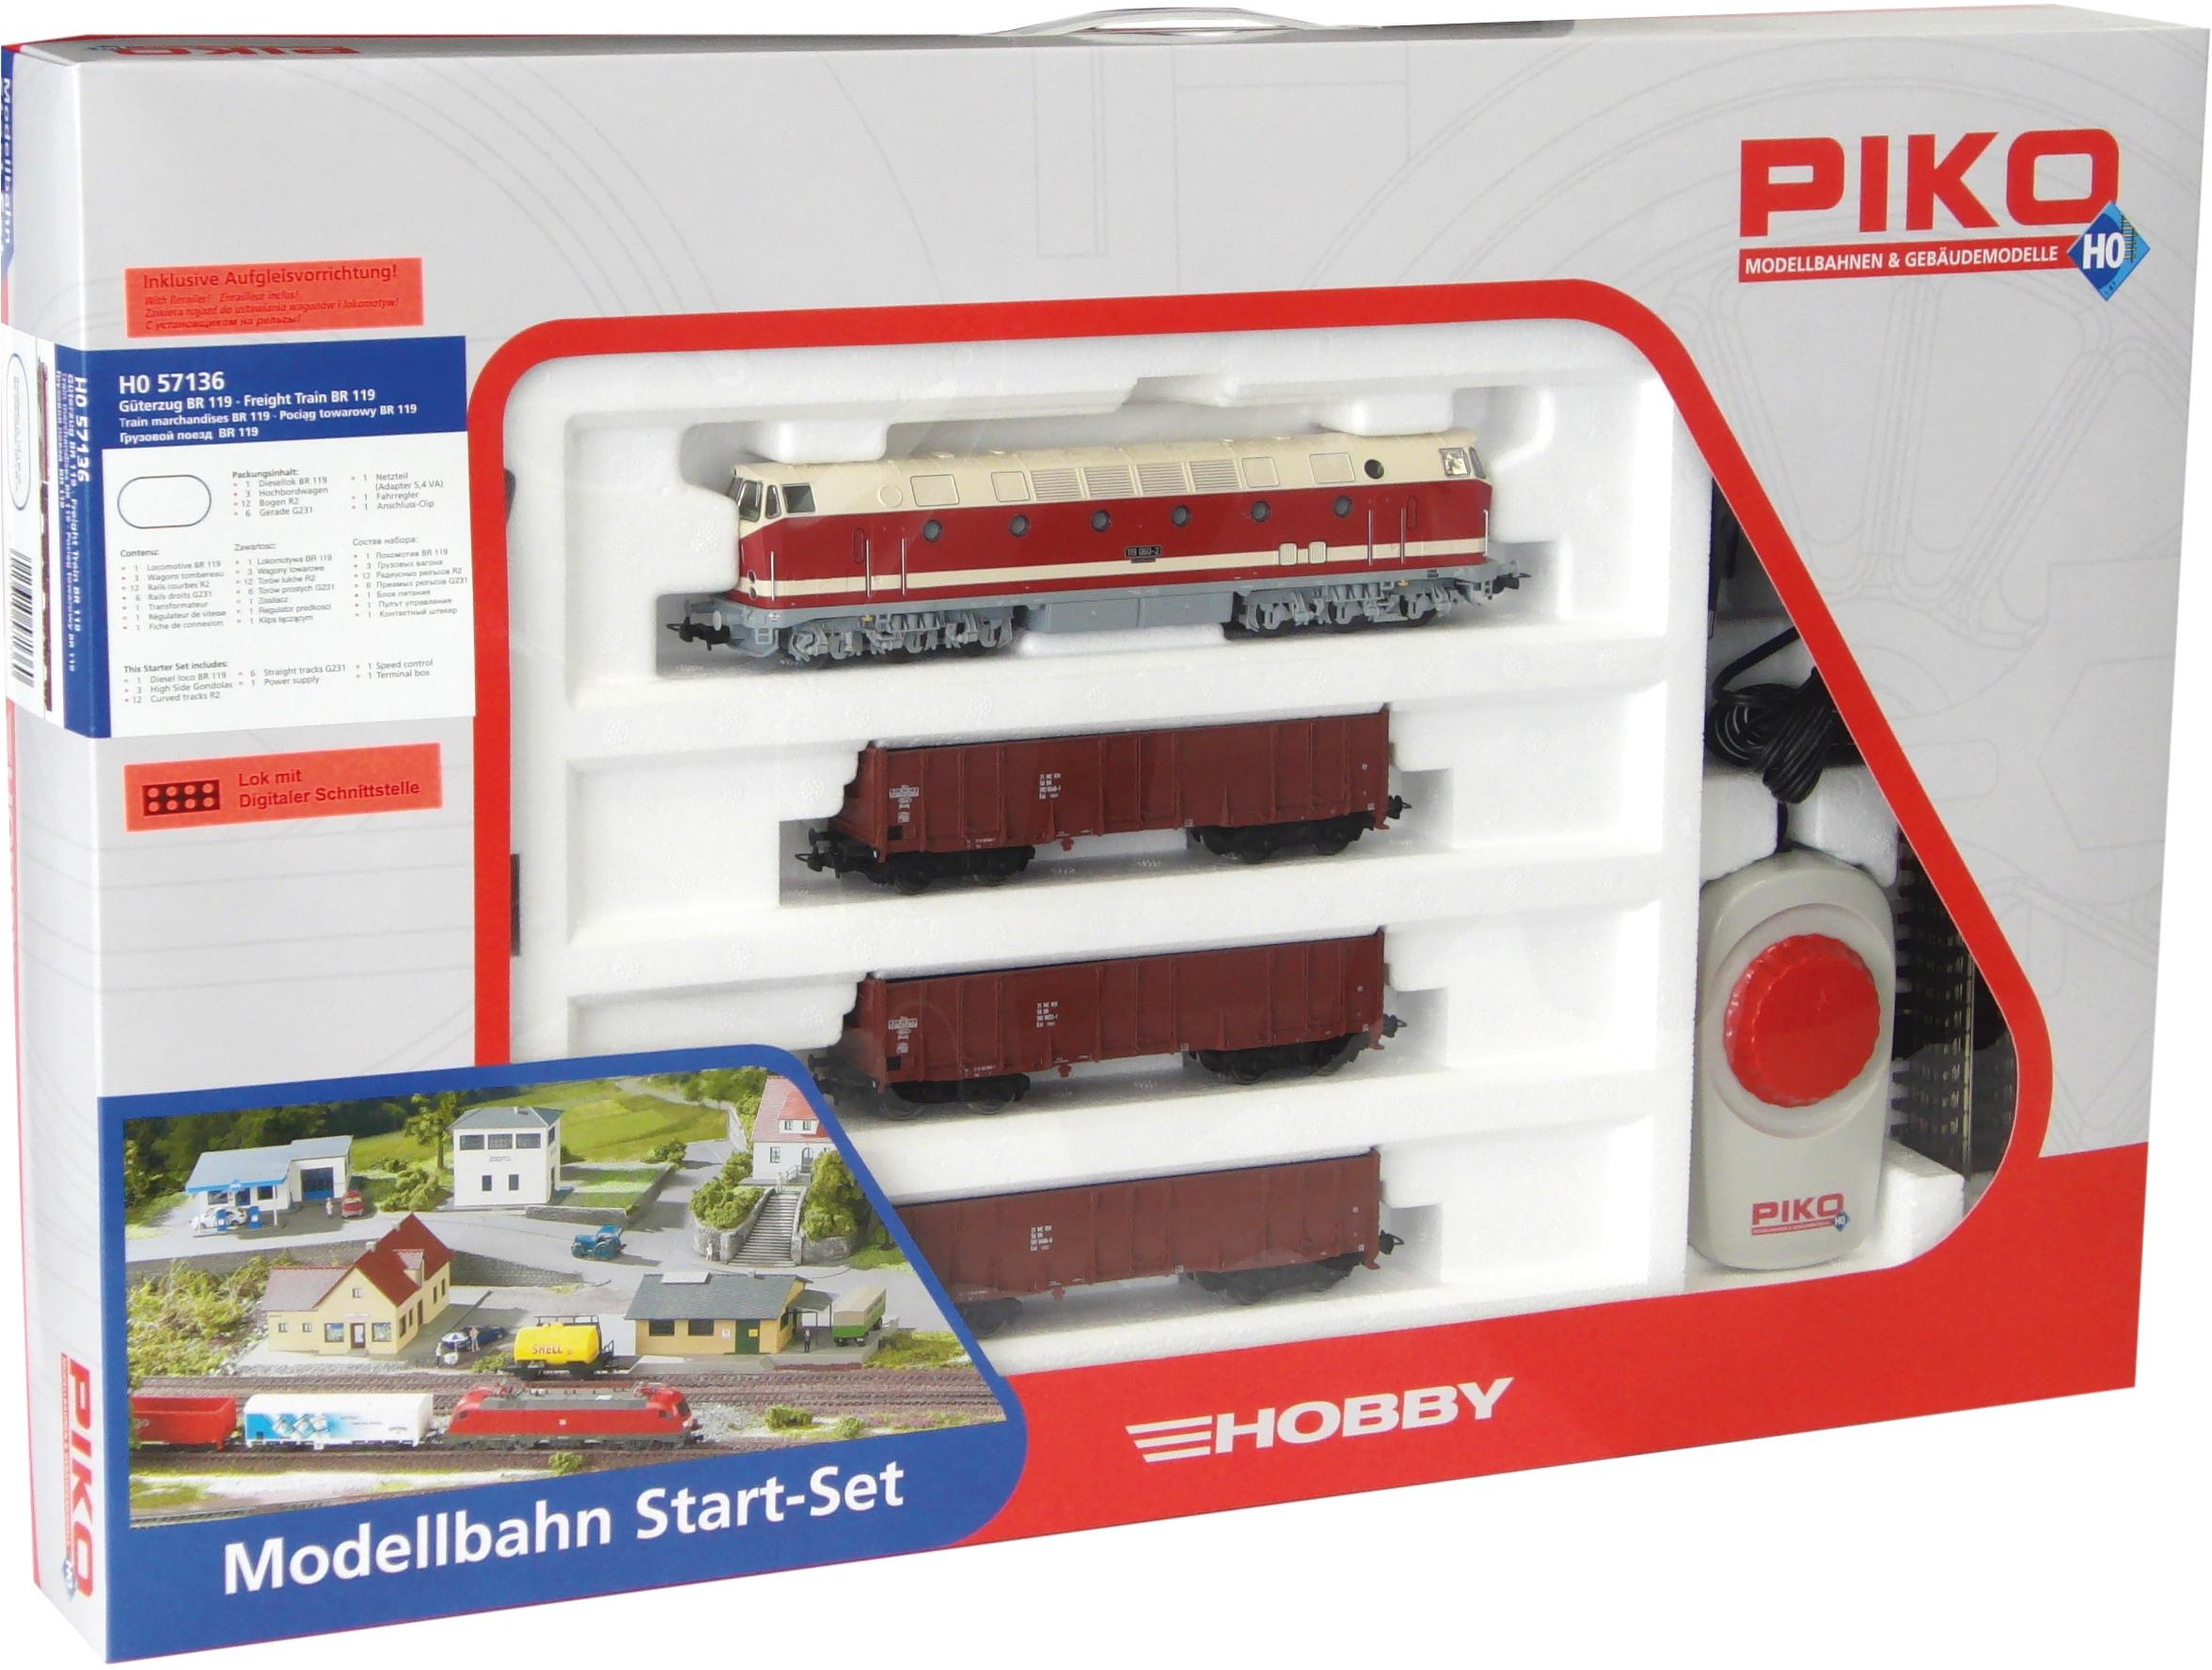 PIKO Modelleisenbahn Startpaket BR 119 und 3 Hochbordwagen, (57138) bunt Kinder Loks Wägen Modelleisenbahnen Autos, Eisenbahn Modellbau